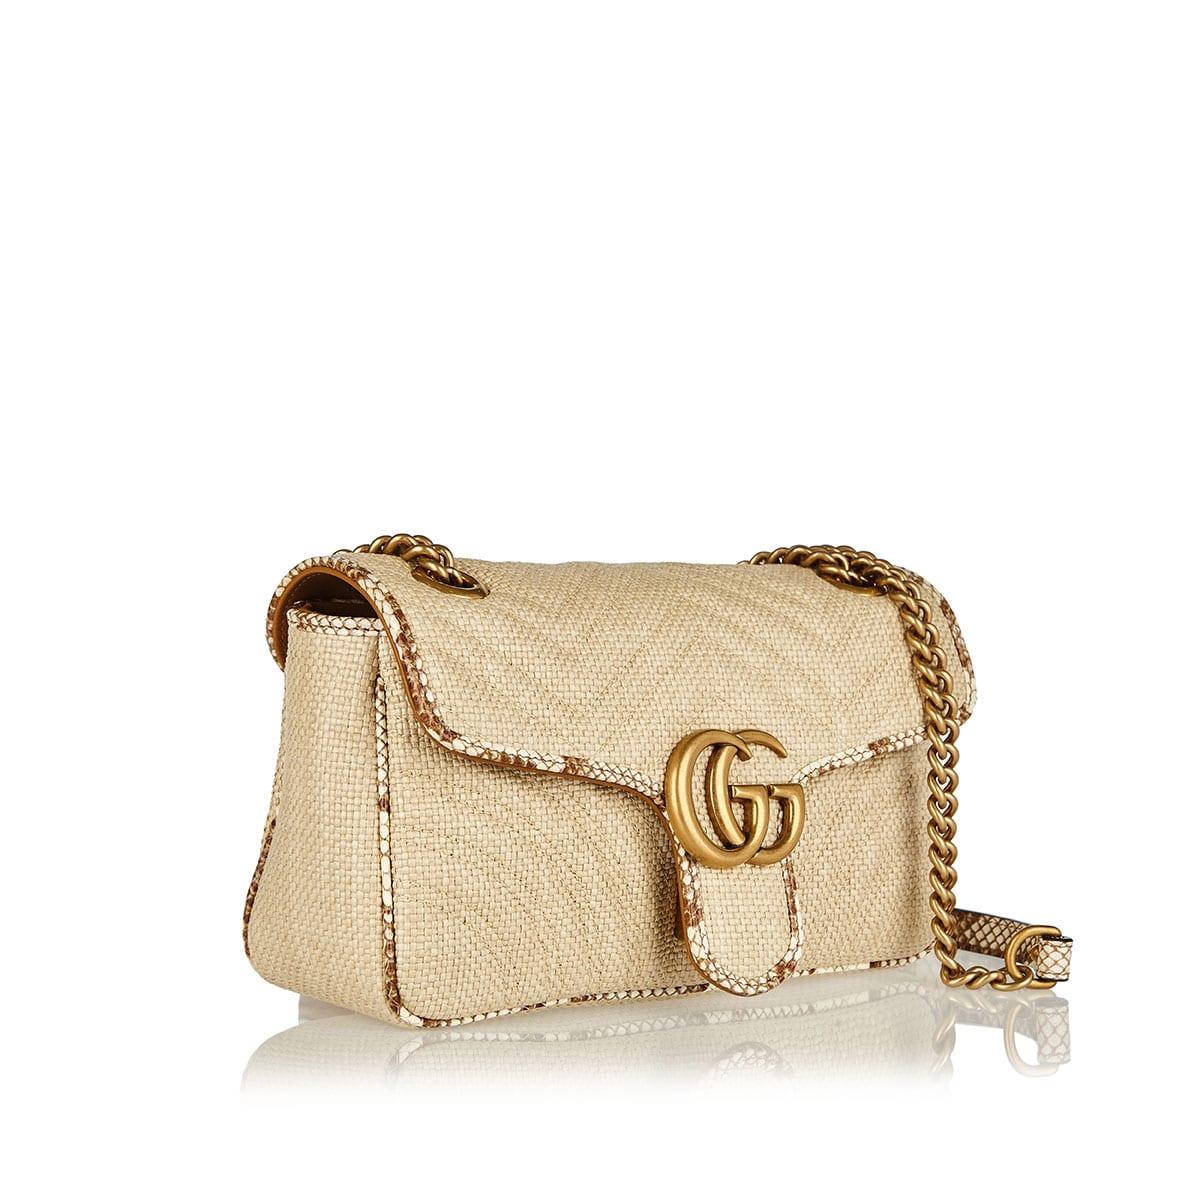 GG Marmont small raffia bag